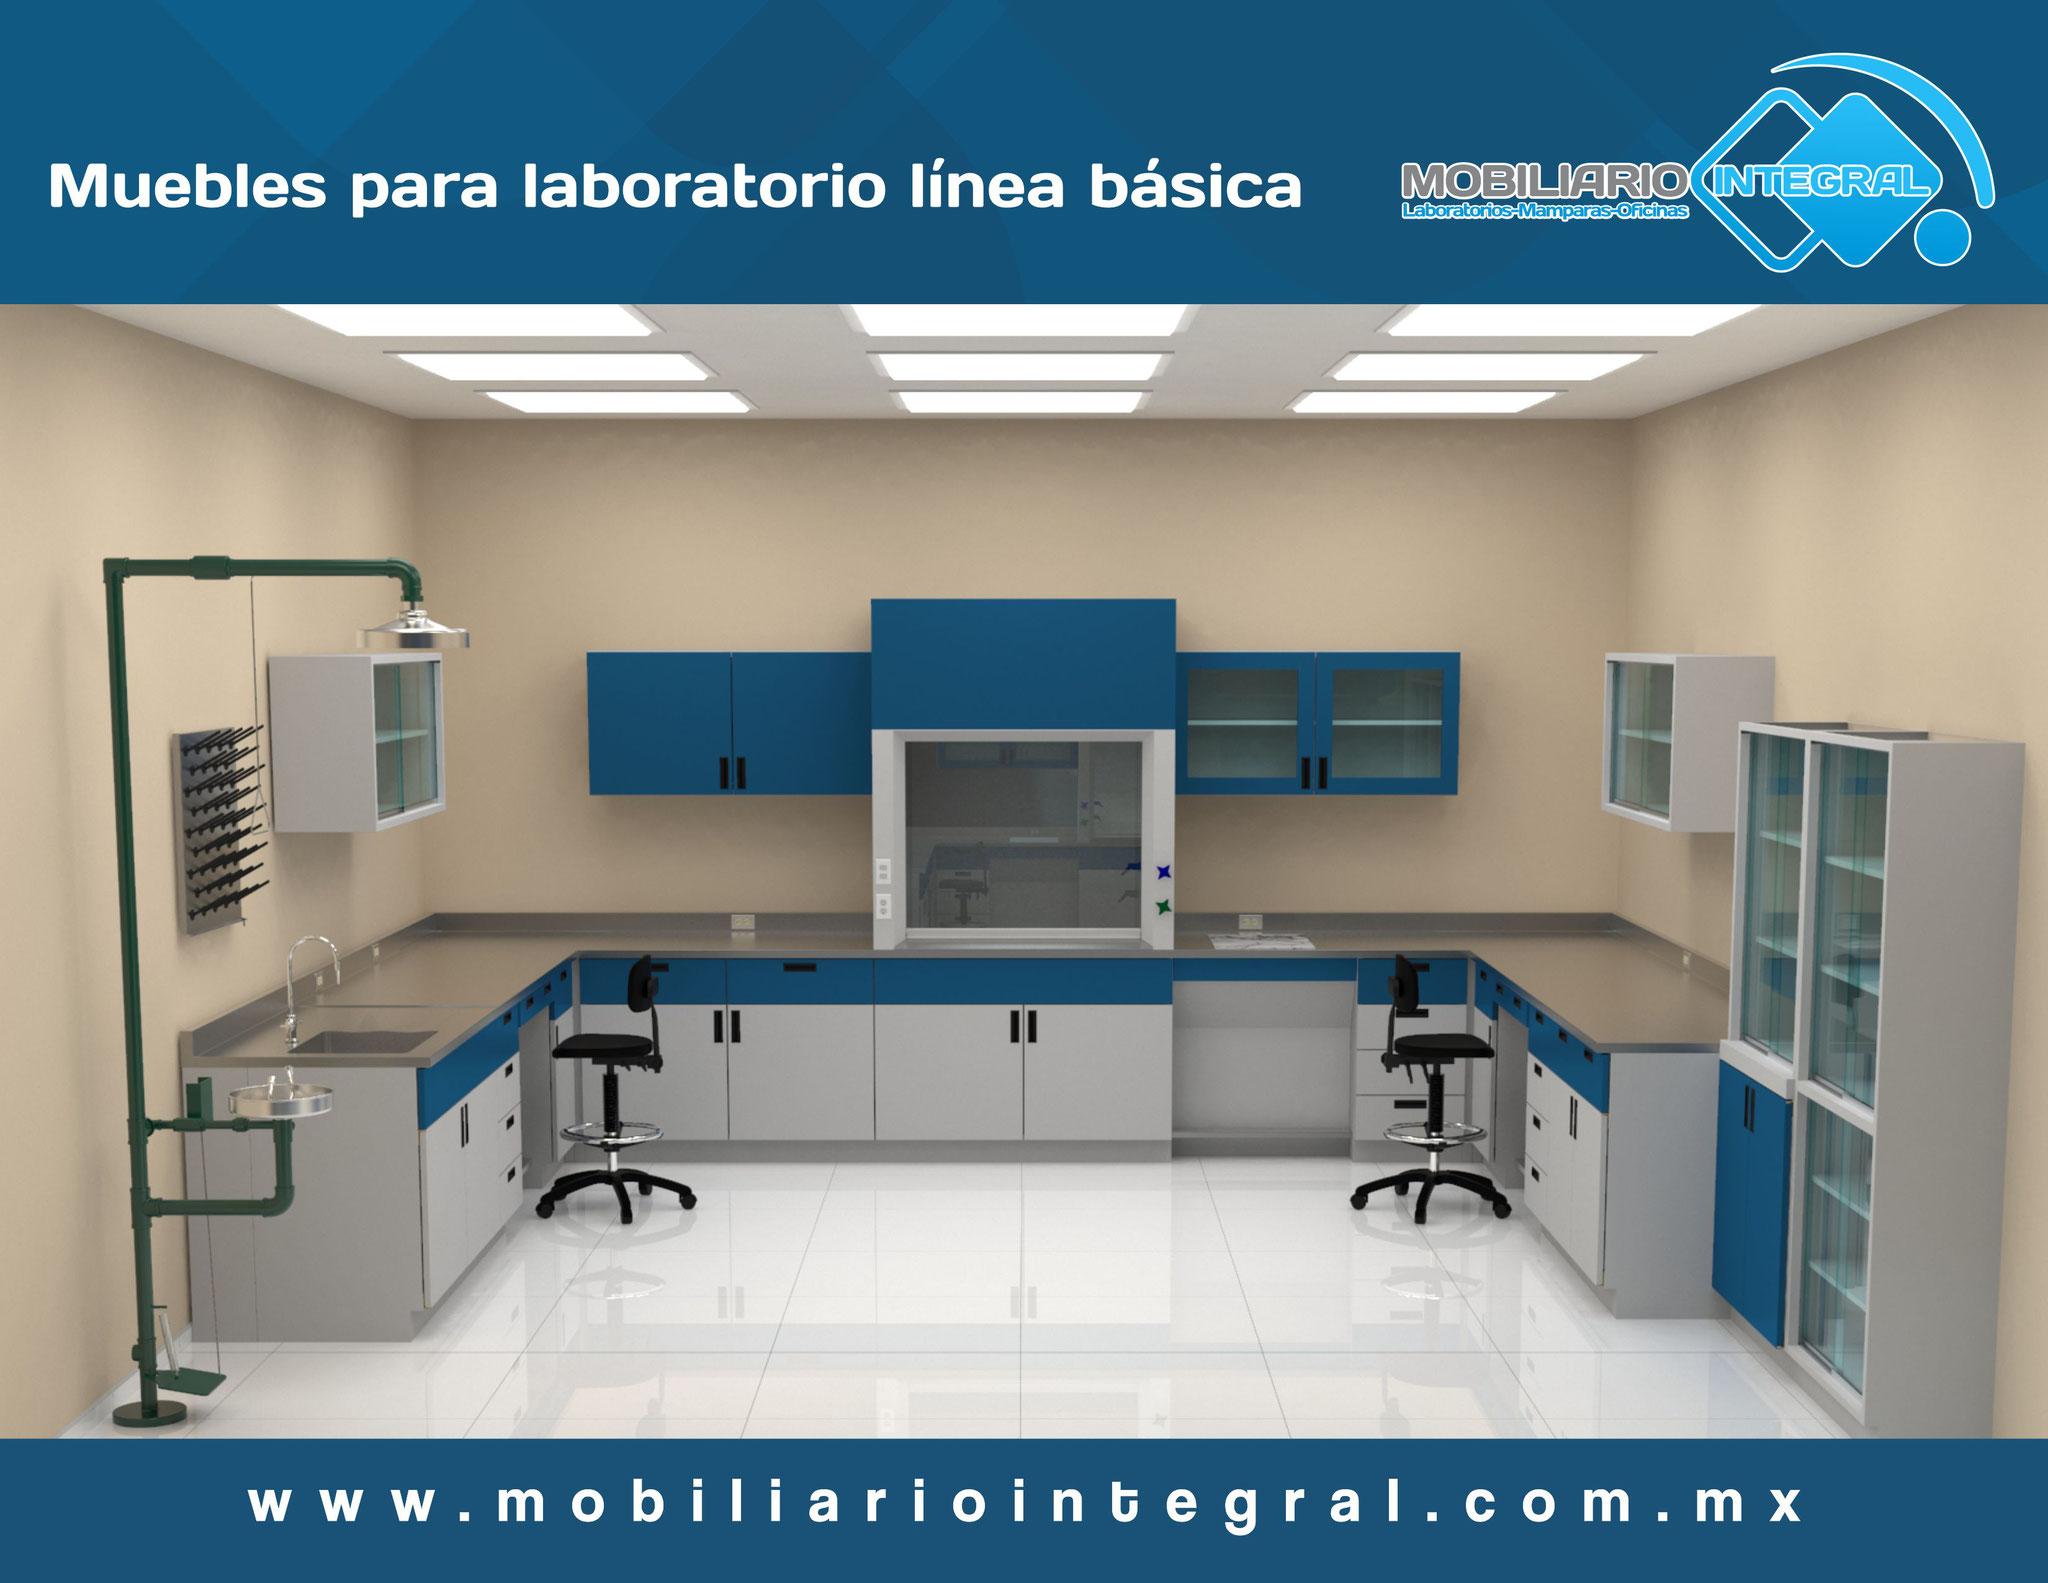 Muebles para laboratorio en Nuevo León